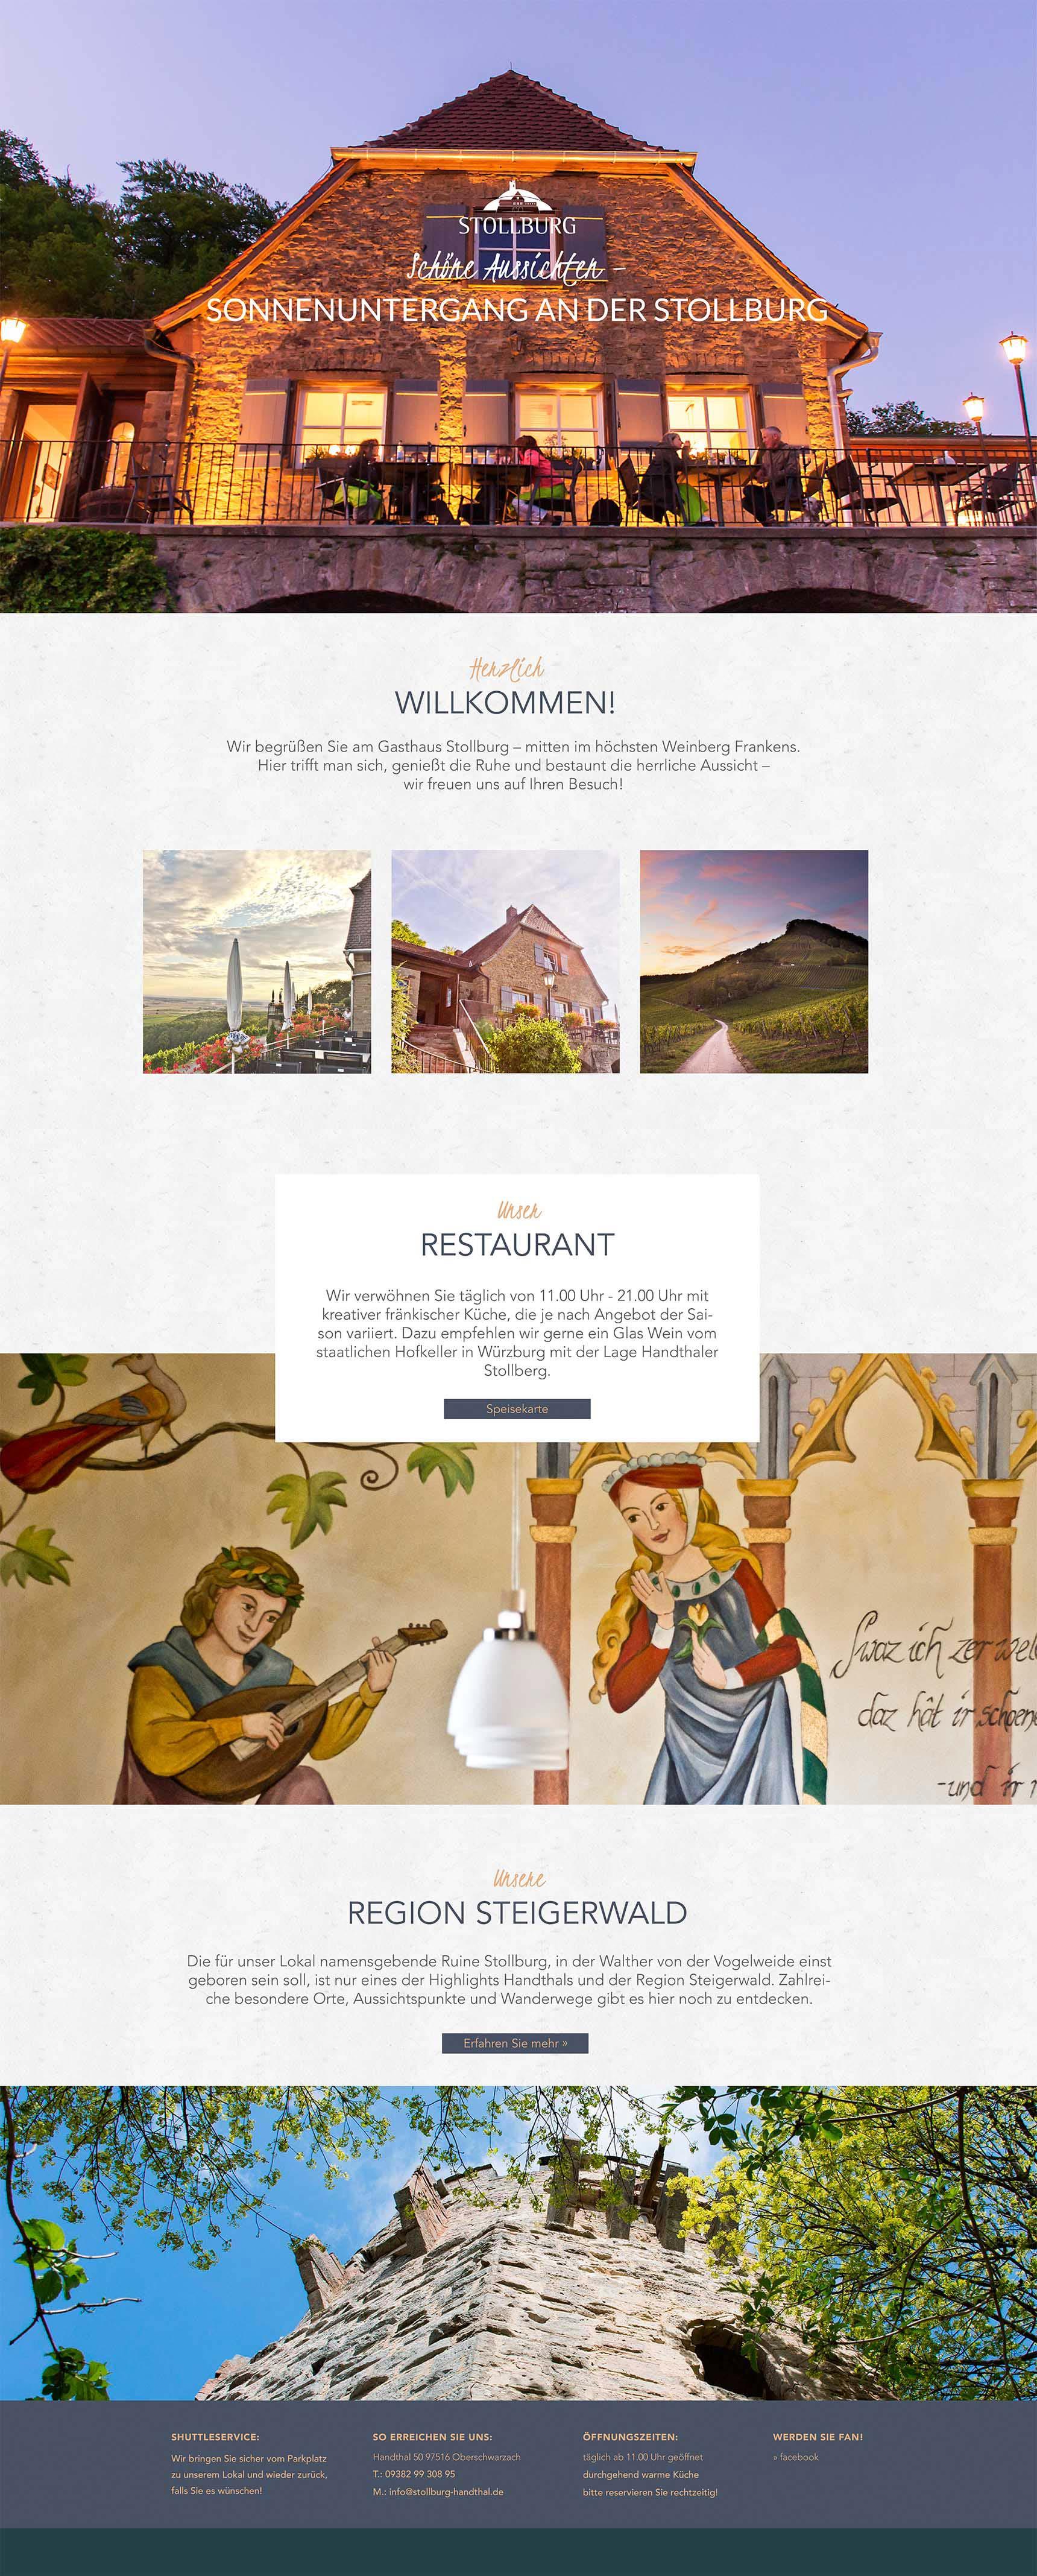 stollburg_website_fotografie